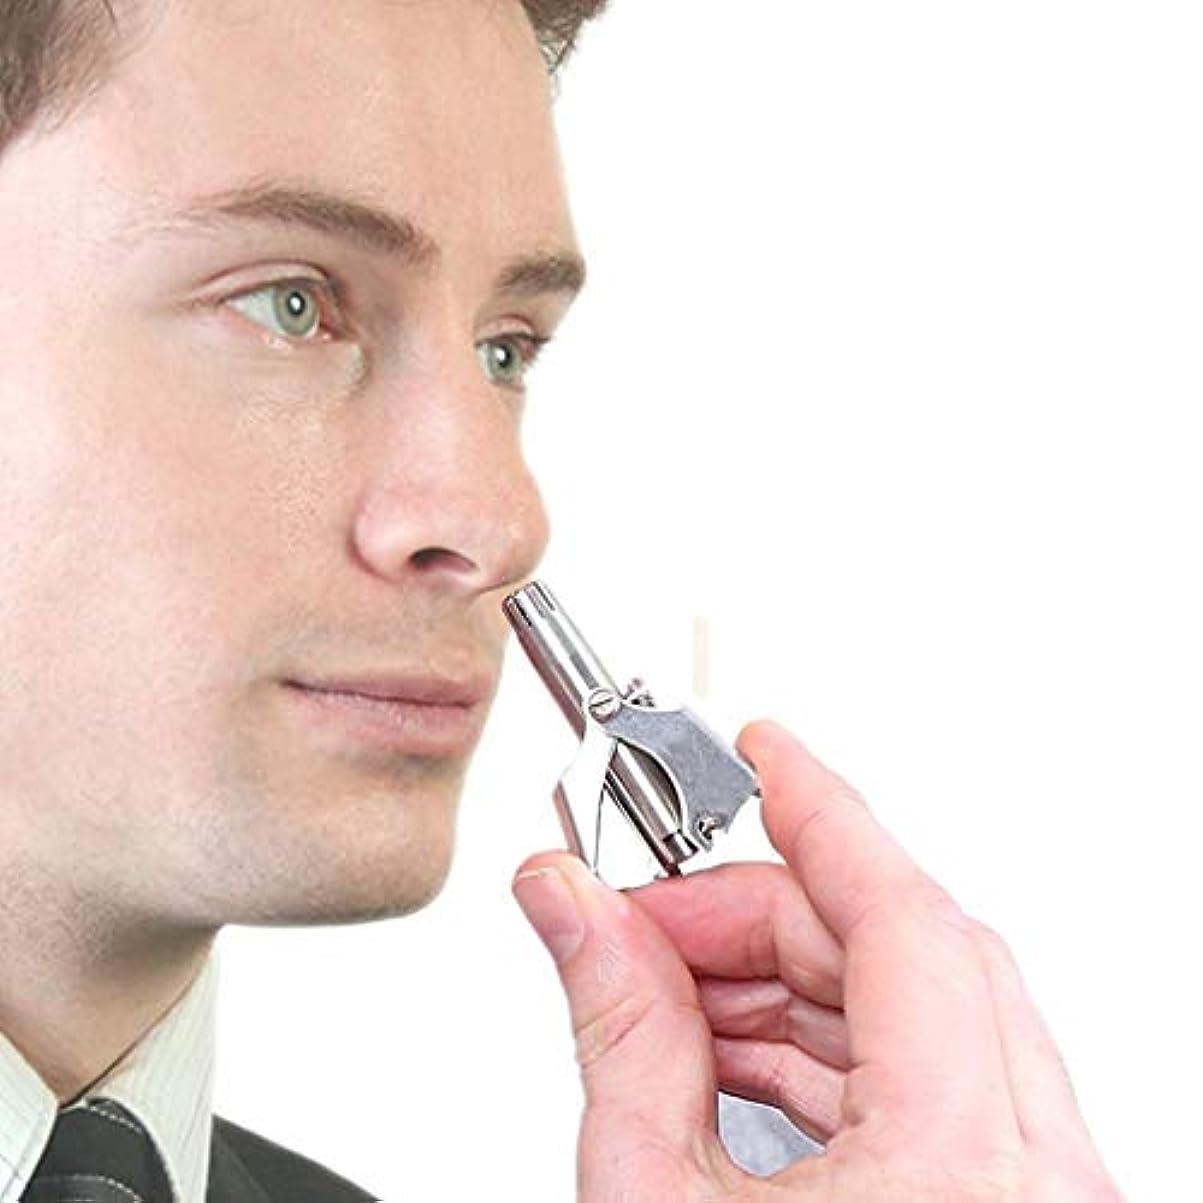 ルー市民権育成男性&女性のためのポータブルマニュアル鼻&耳毛トリマー、パーフェクトマニュアルステンレス鋼の鼻毛リムーバー、必要ないいえ電池、簡単な清掃